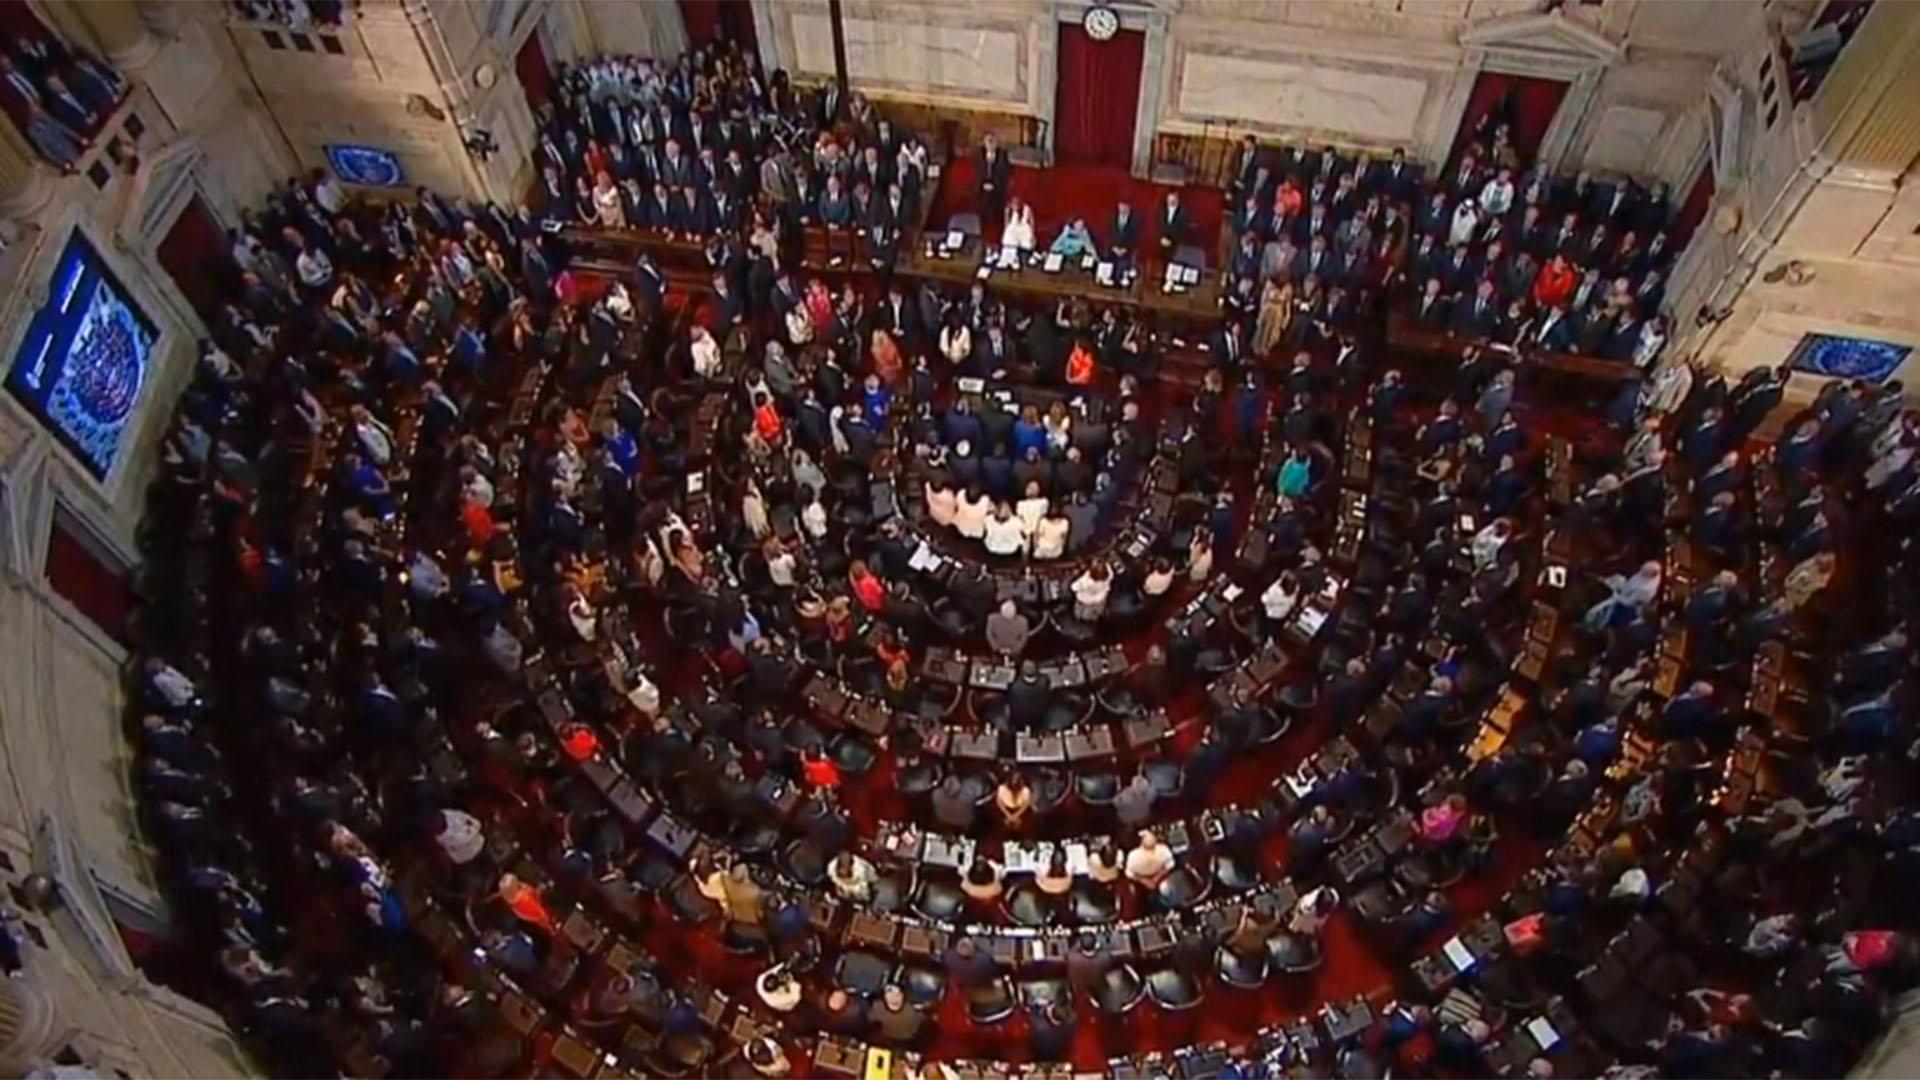 Imagen cenital del recinto de la Cámara de Diputados minutos antes de la jura de Alberto Fernández y Cristina Kirchner